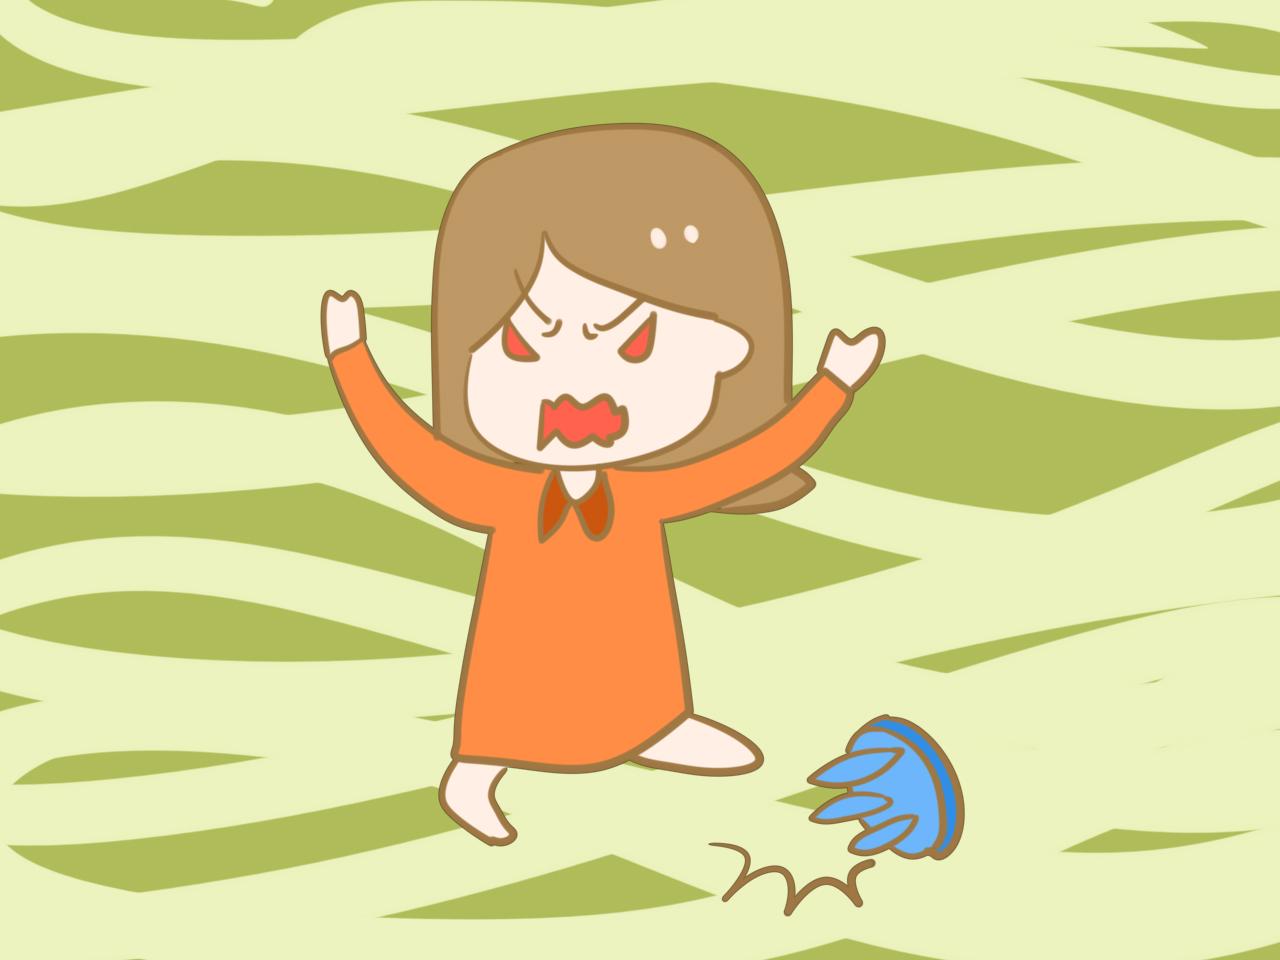 媽媽要控制自己的脾氣,這些口頭禪真不能說,會對孩子圖片